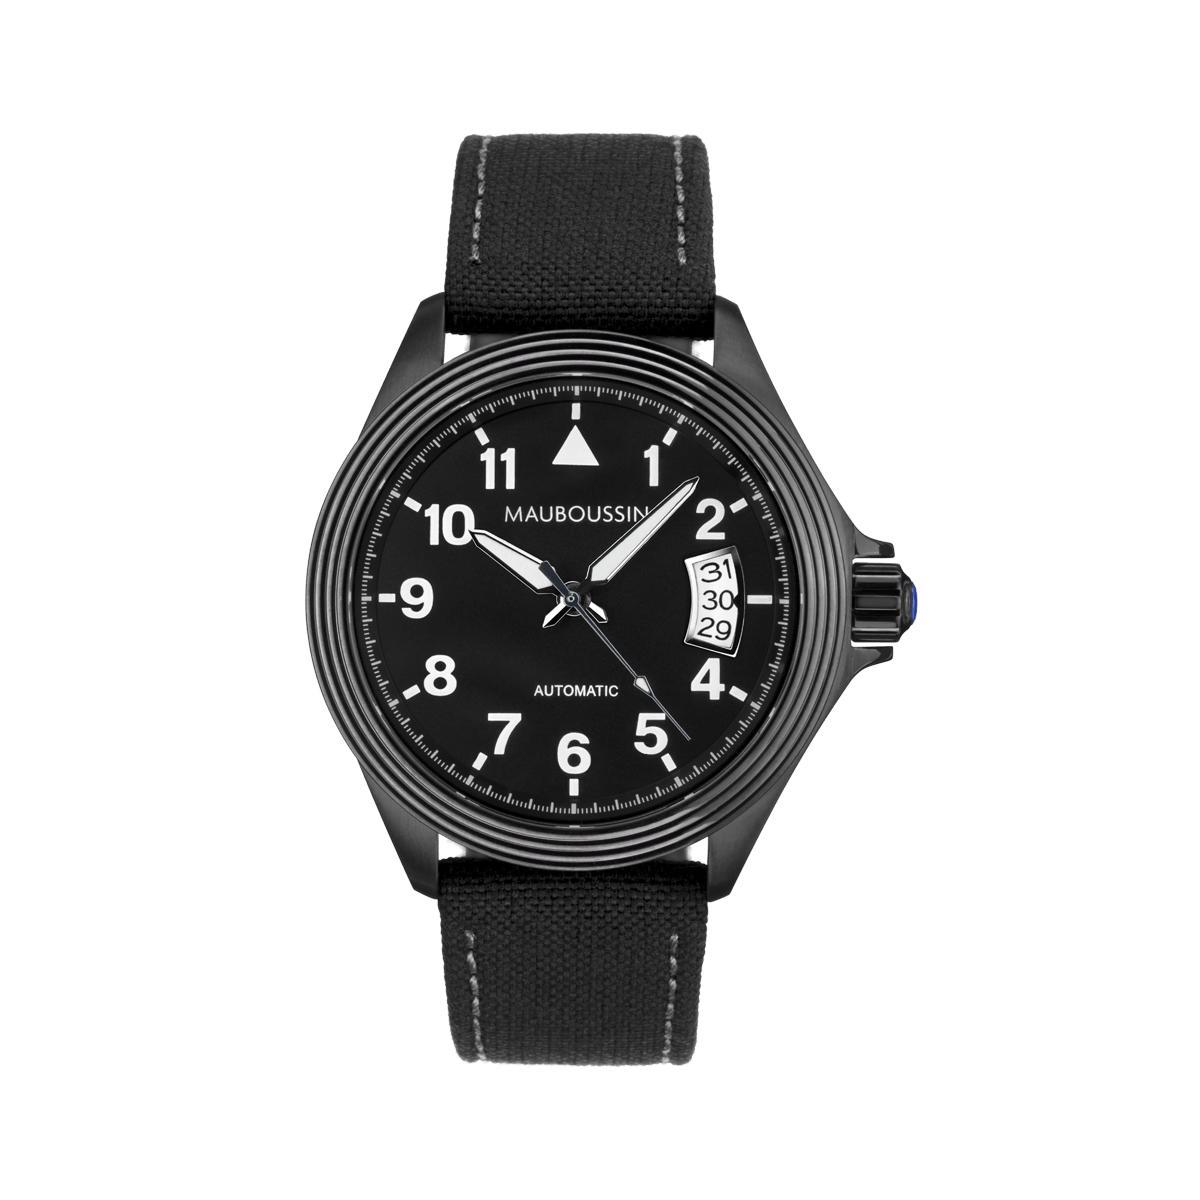 Sélection de montres Mauboussin en promotion - Ex : L'heure de paix - Grand modèle, Automatique, Bracelet tissu